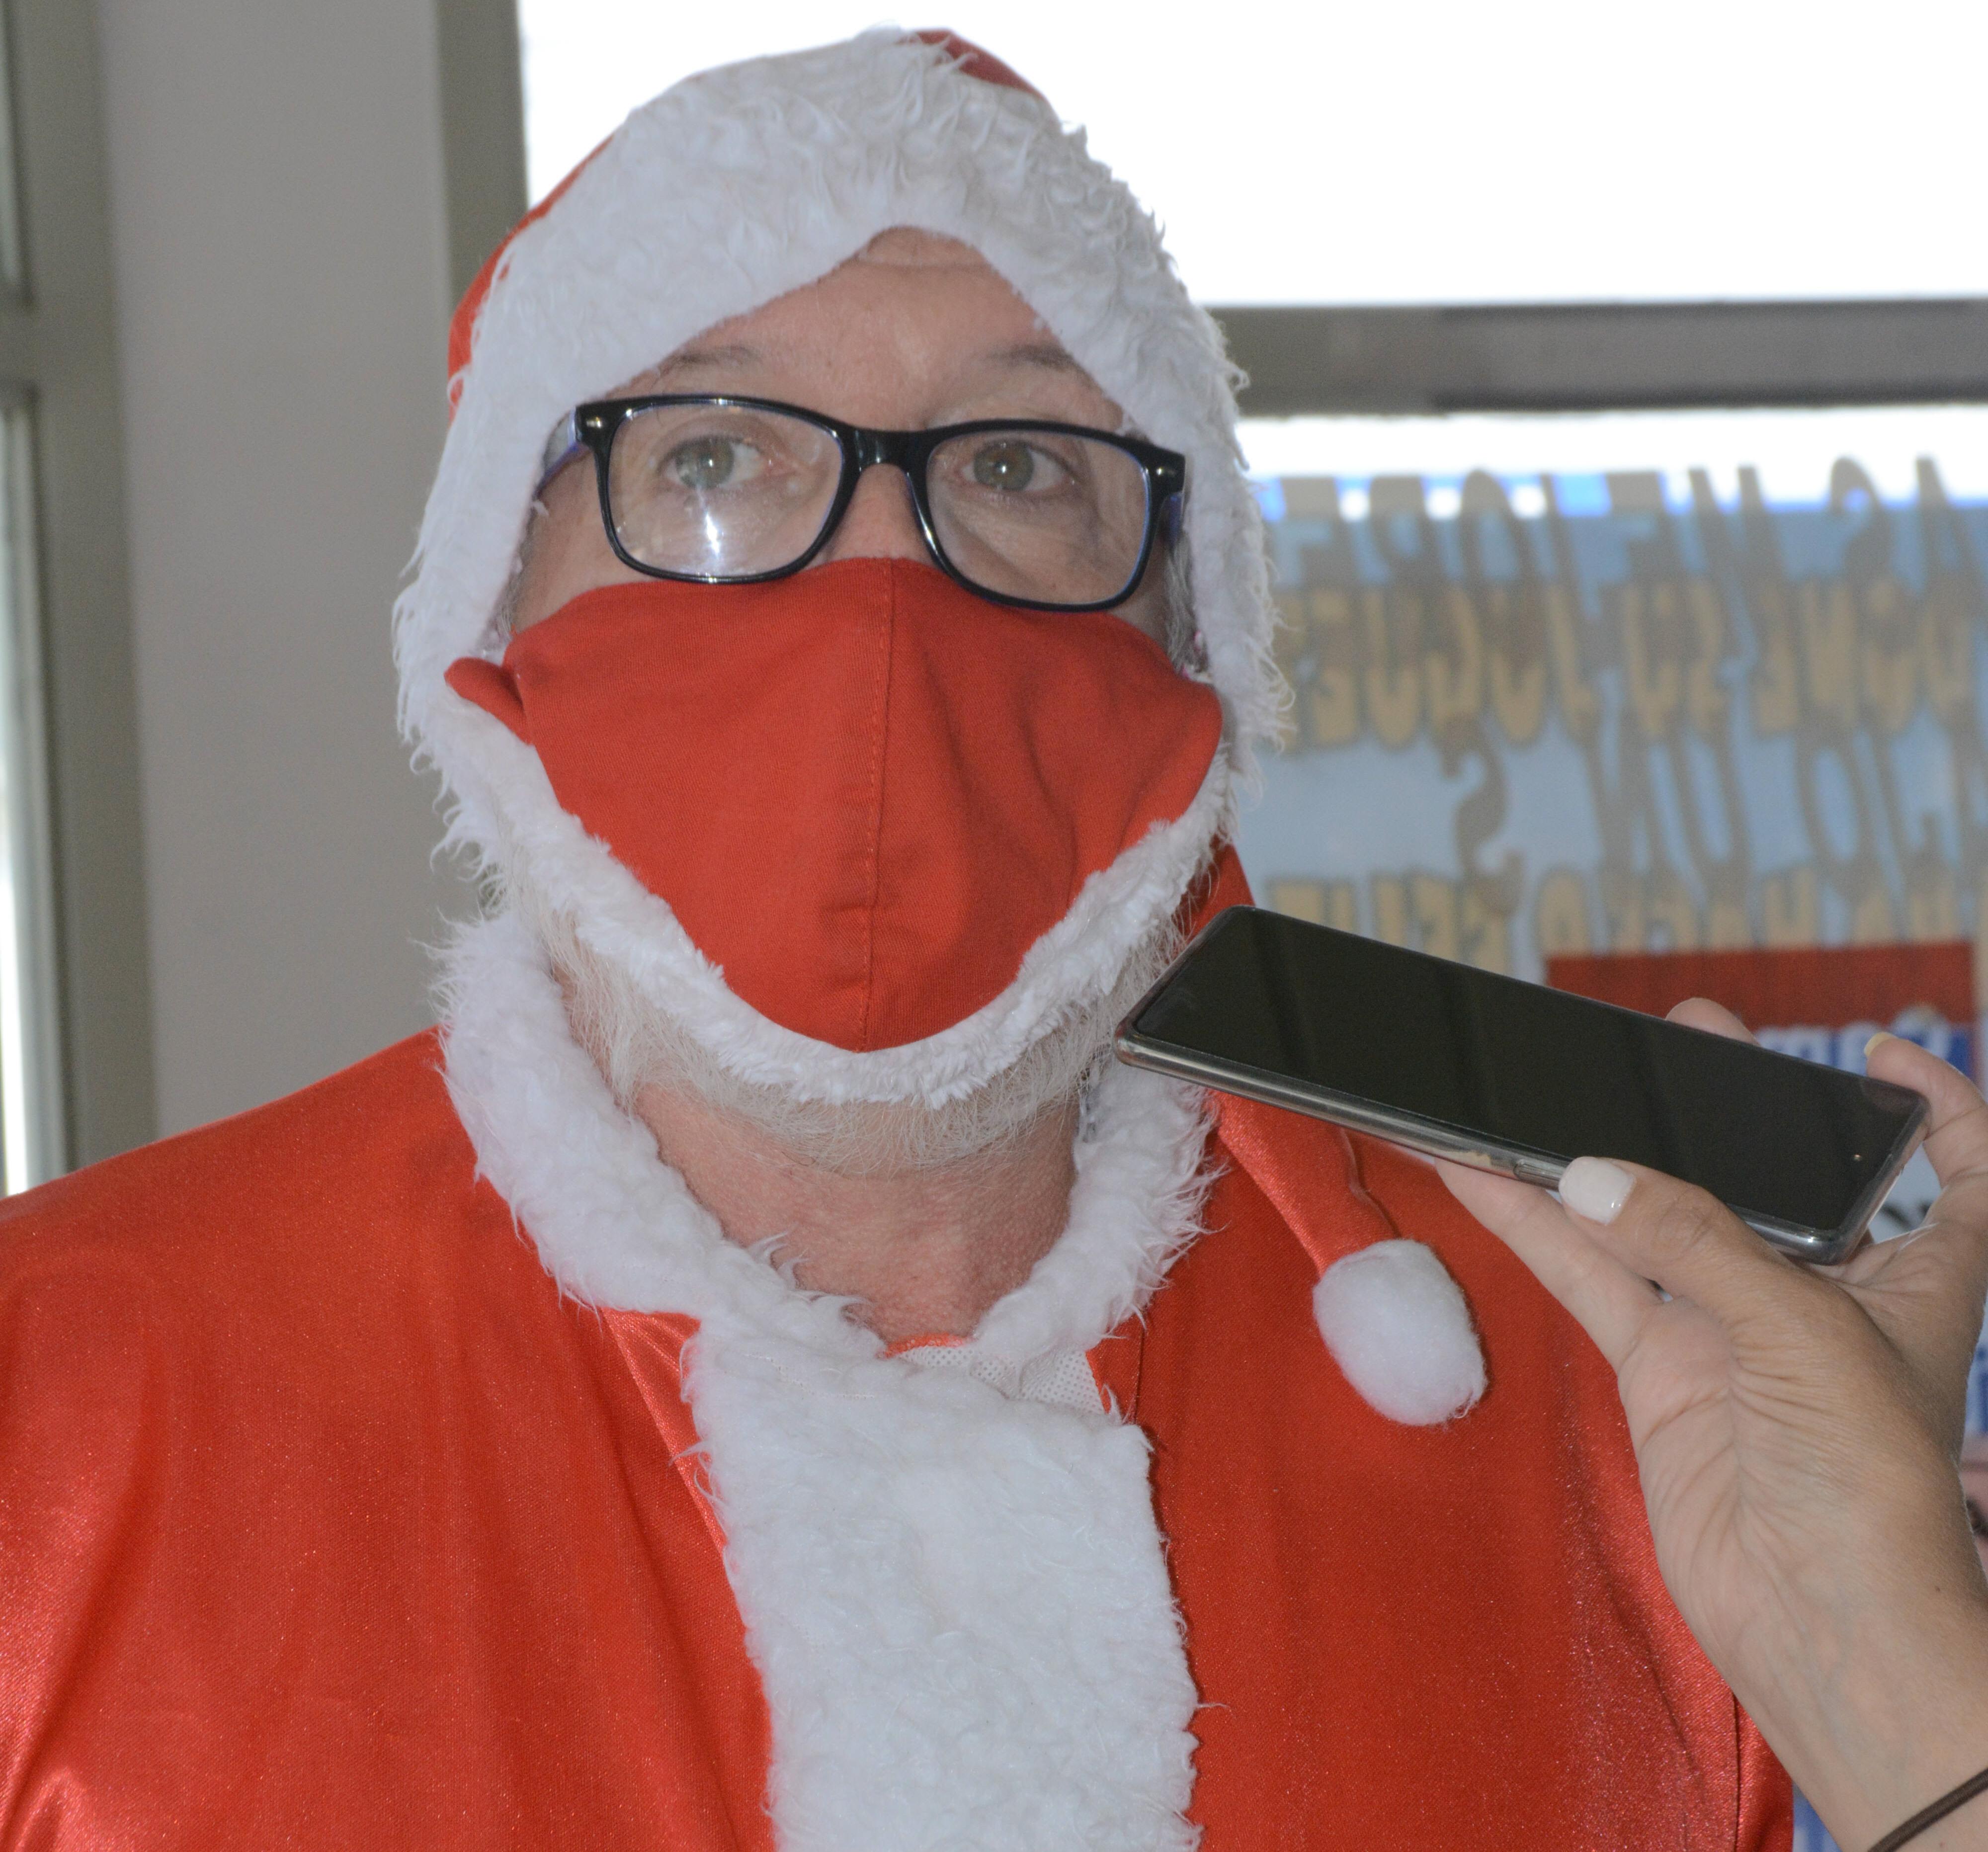 Horacio Huecke repartió juguetes y regaló sonrisas en Navidad.